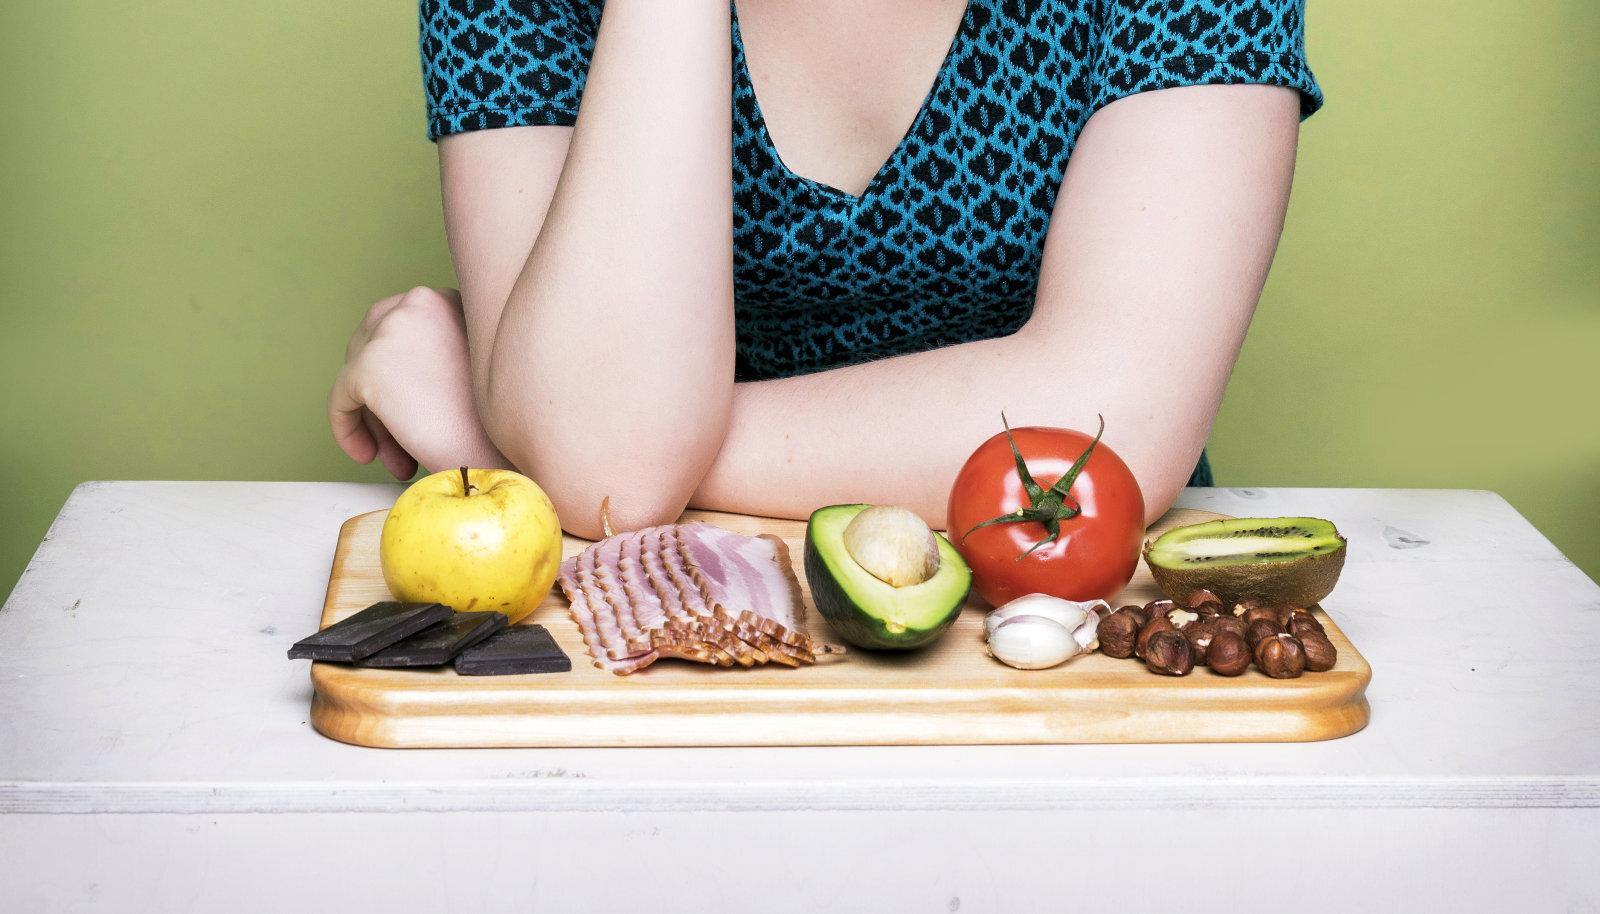 poletada soole rasva kiiresti tervislik toitumine kuid kaalulangus puudub